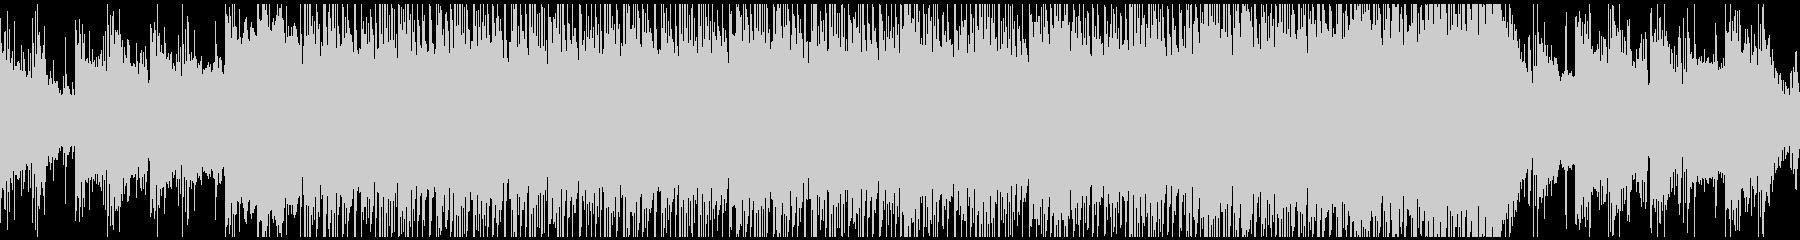 ド迫力な和風エピックBGM ループの未再生の波形